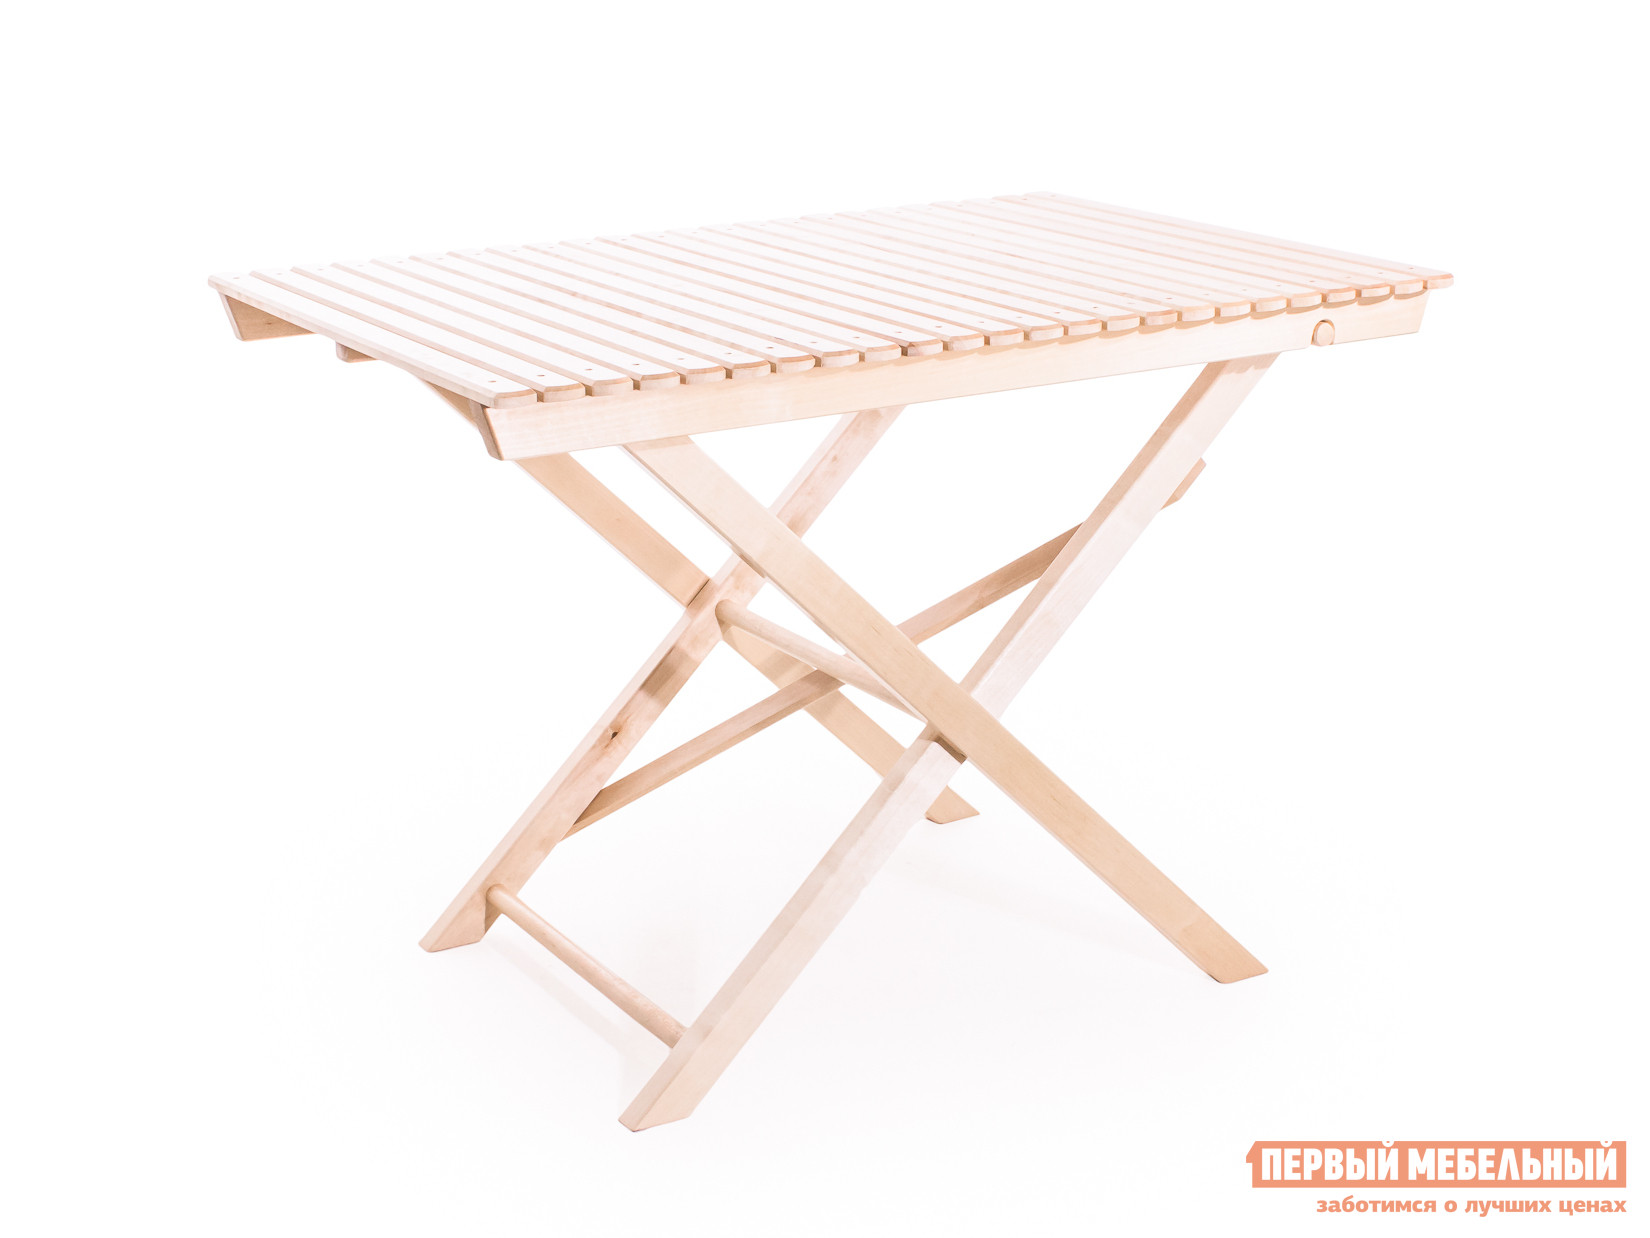 Садовый стол для кухни из массива дерева Смолянка большой складной СМ004Б